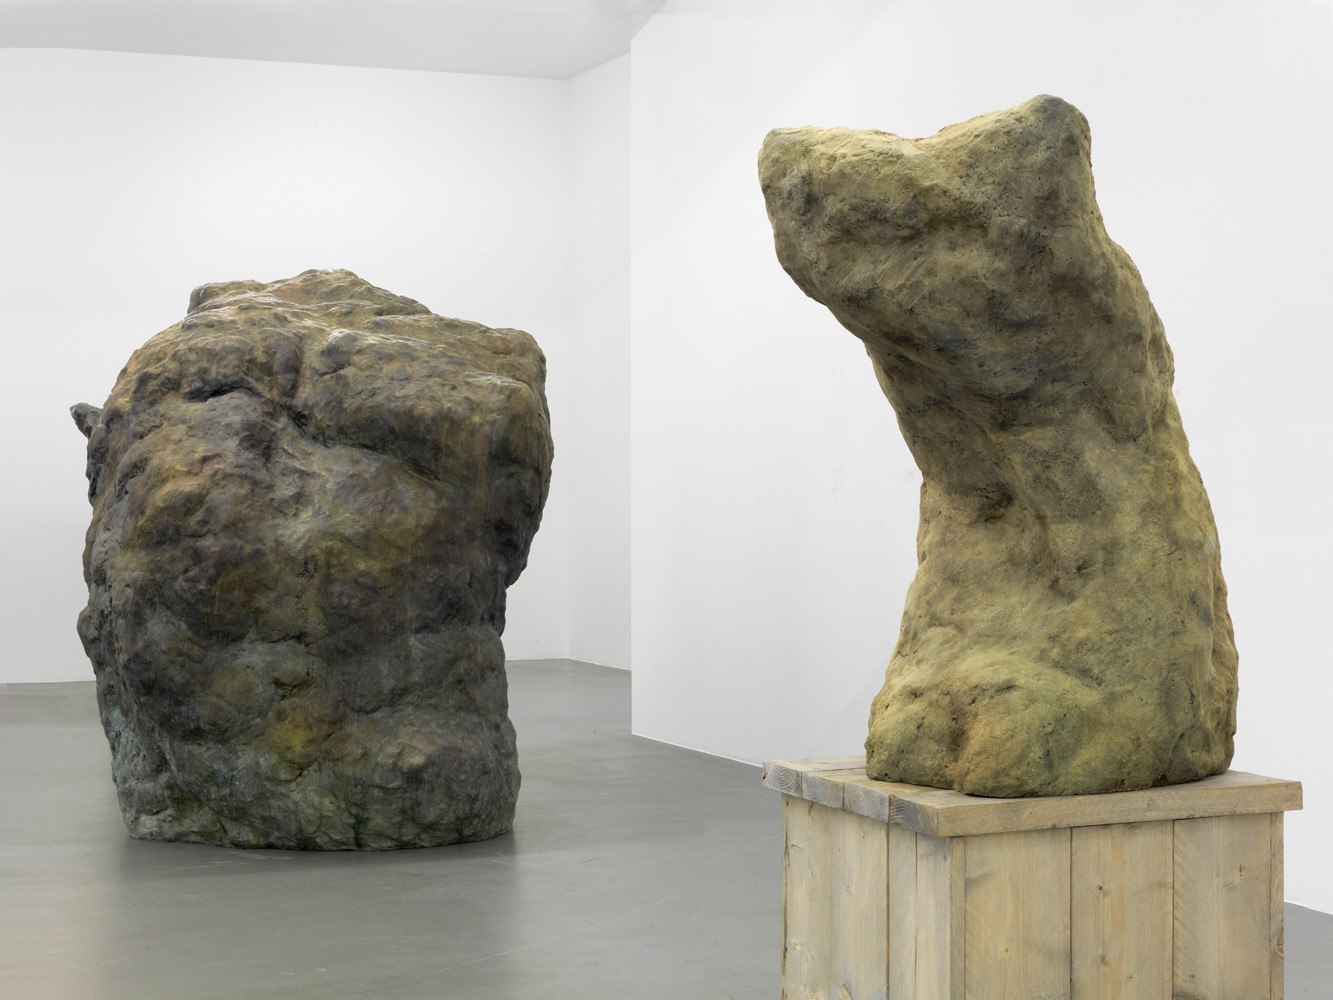 William Tucker, 'Sculpture', Installation view, Buchmann Galerie, 2013